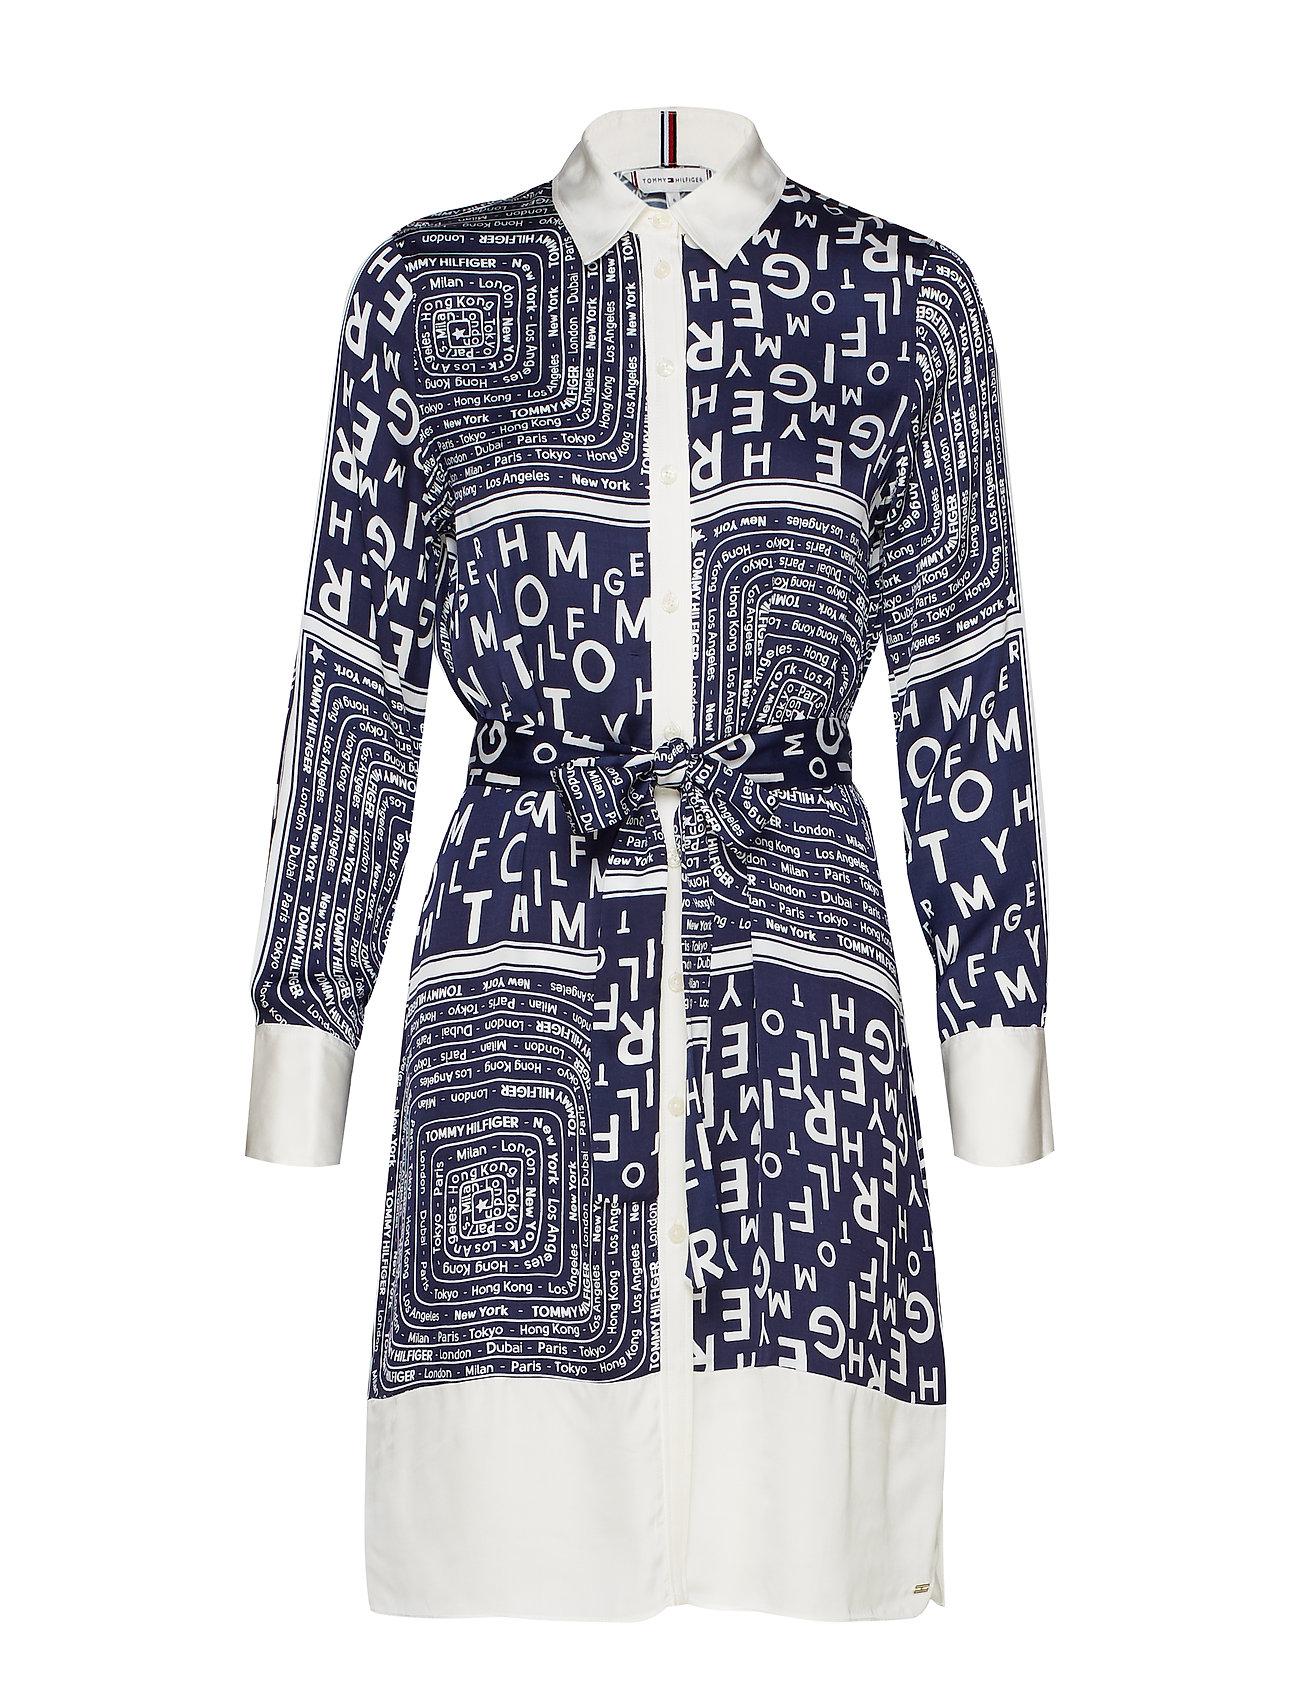 Tommy Hilfiger FLORENCE SHIRT DRESS - SCARF PRT / MEDIEVAL BLUE